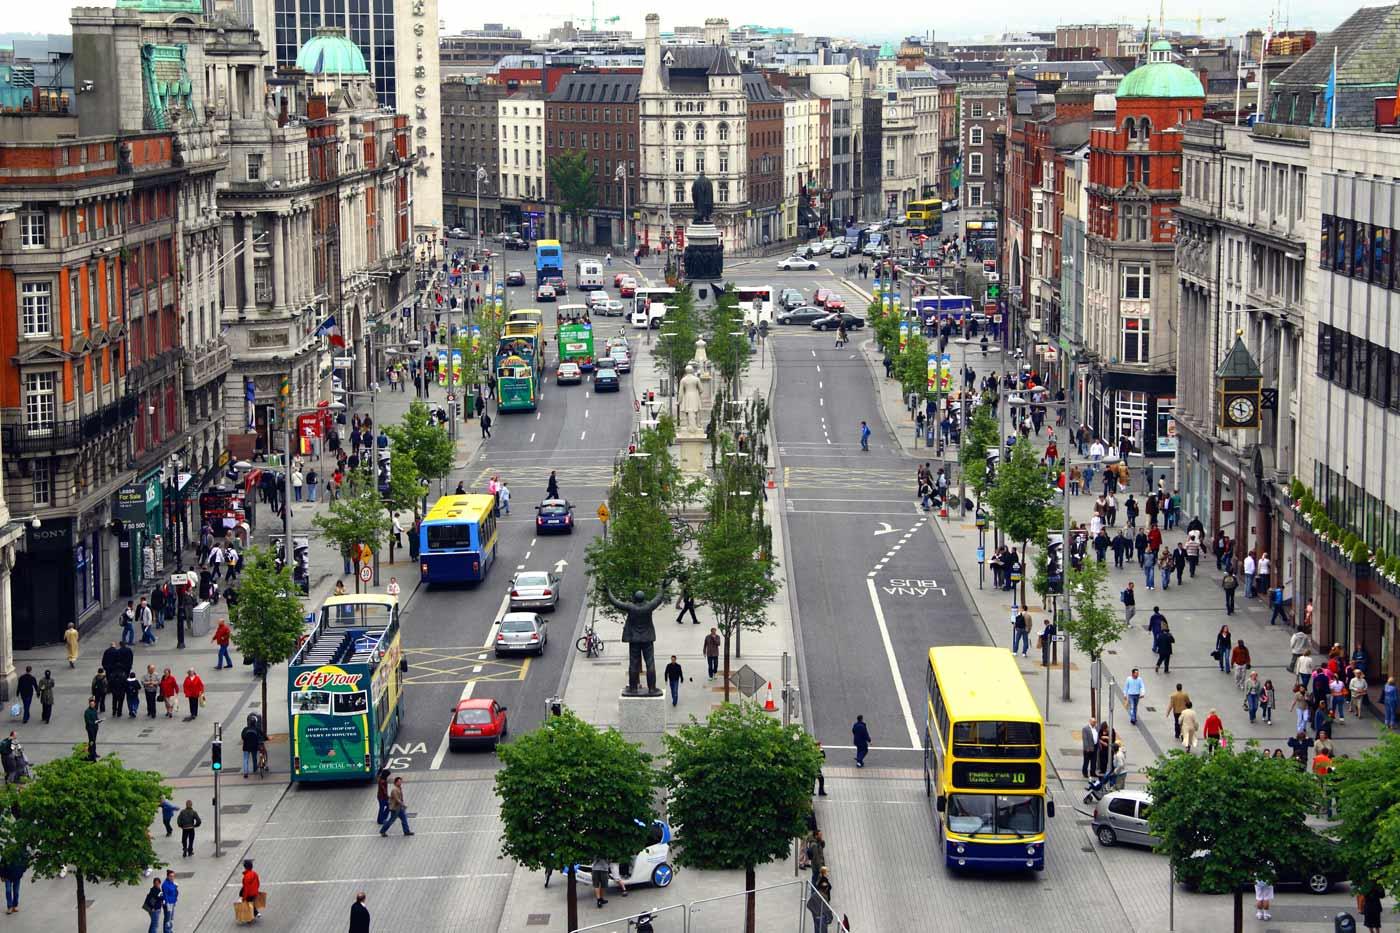 1993 Dublin2015 Dublin O'Connell Street